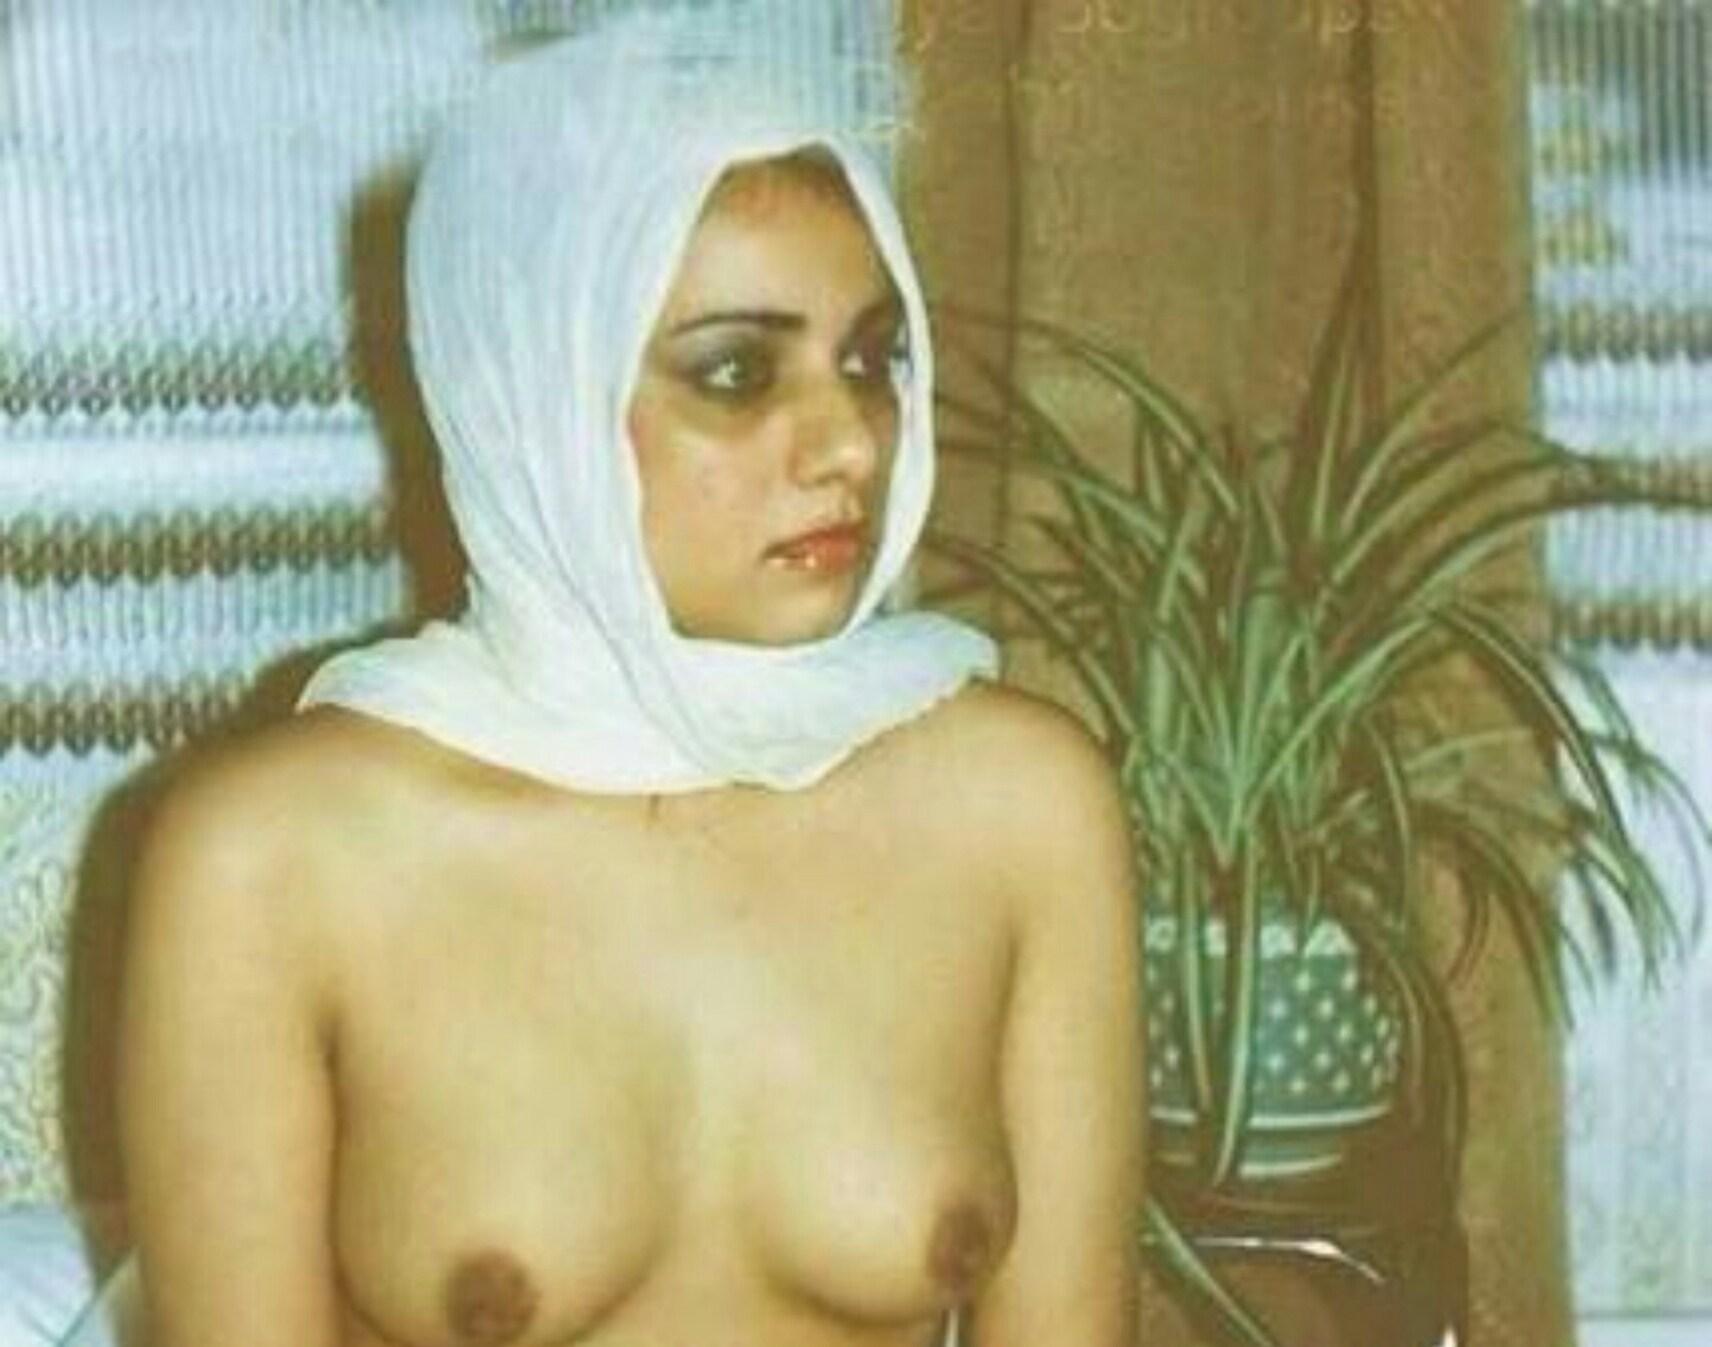 【勃起不可避】普段顔を隠しているイスラムまんさん、SNSでオカズをご提供wwwwww・5枚目